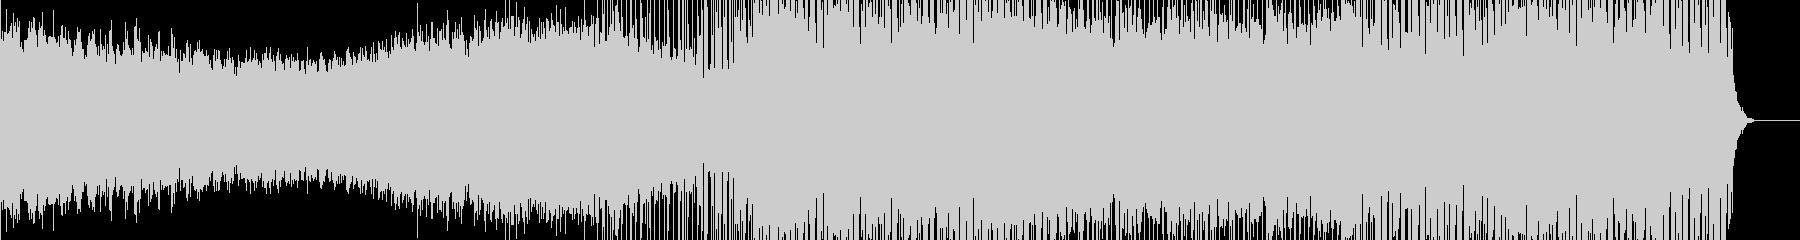 クールなエレクトロチューンの未再生の波形